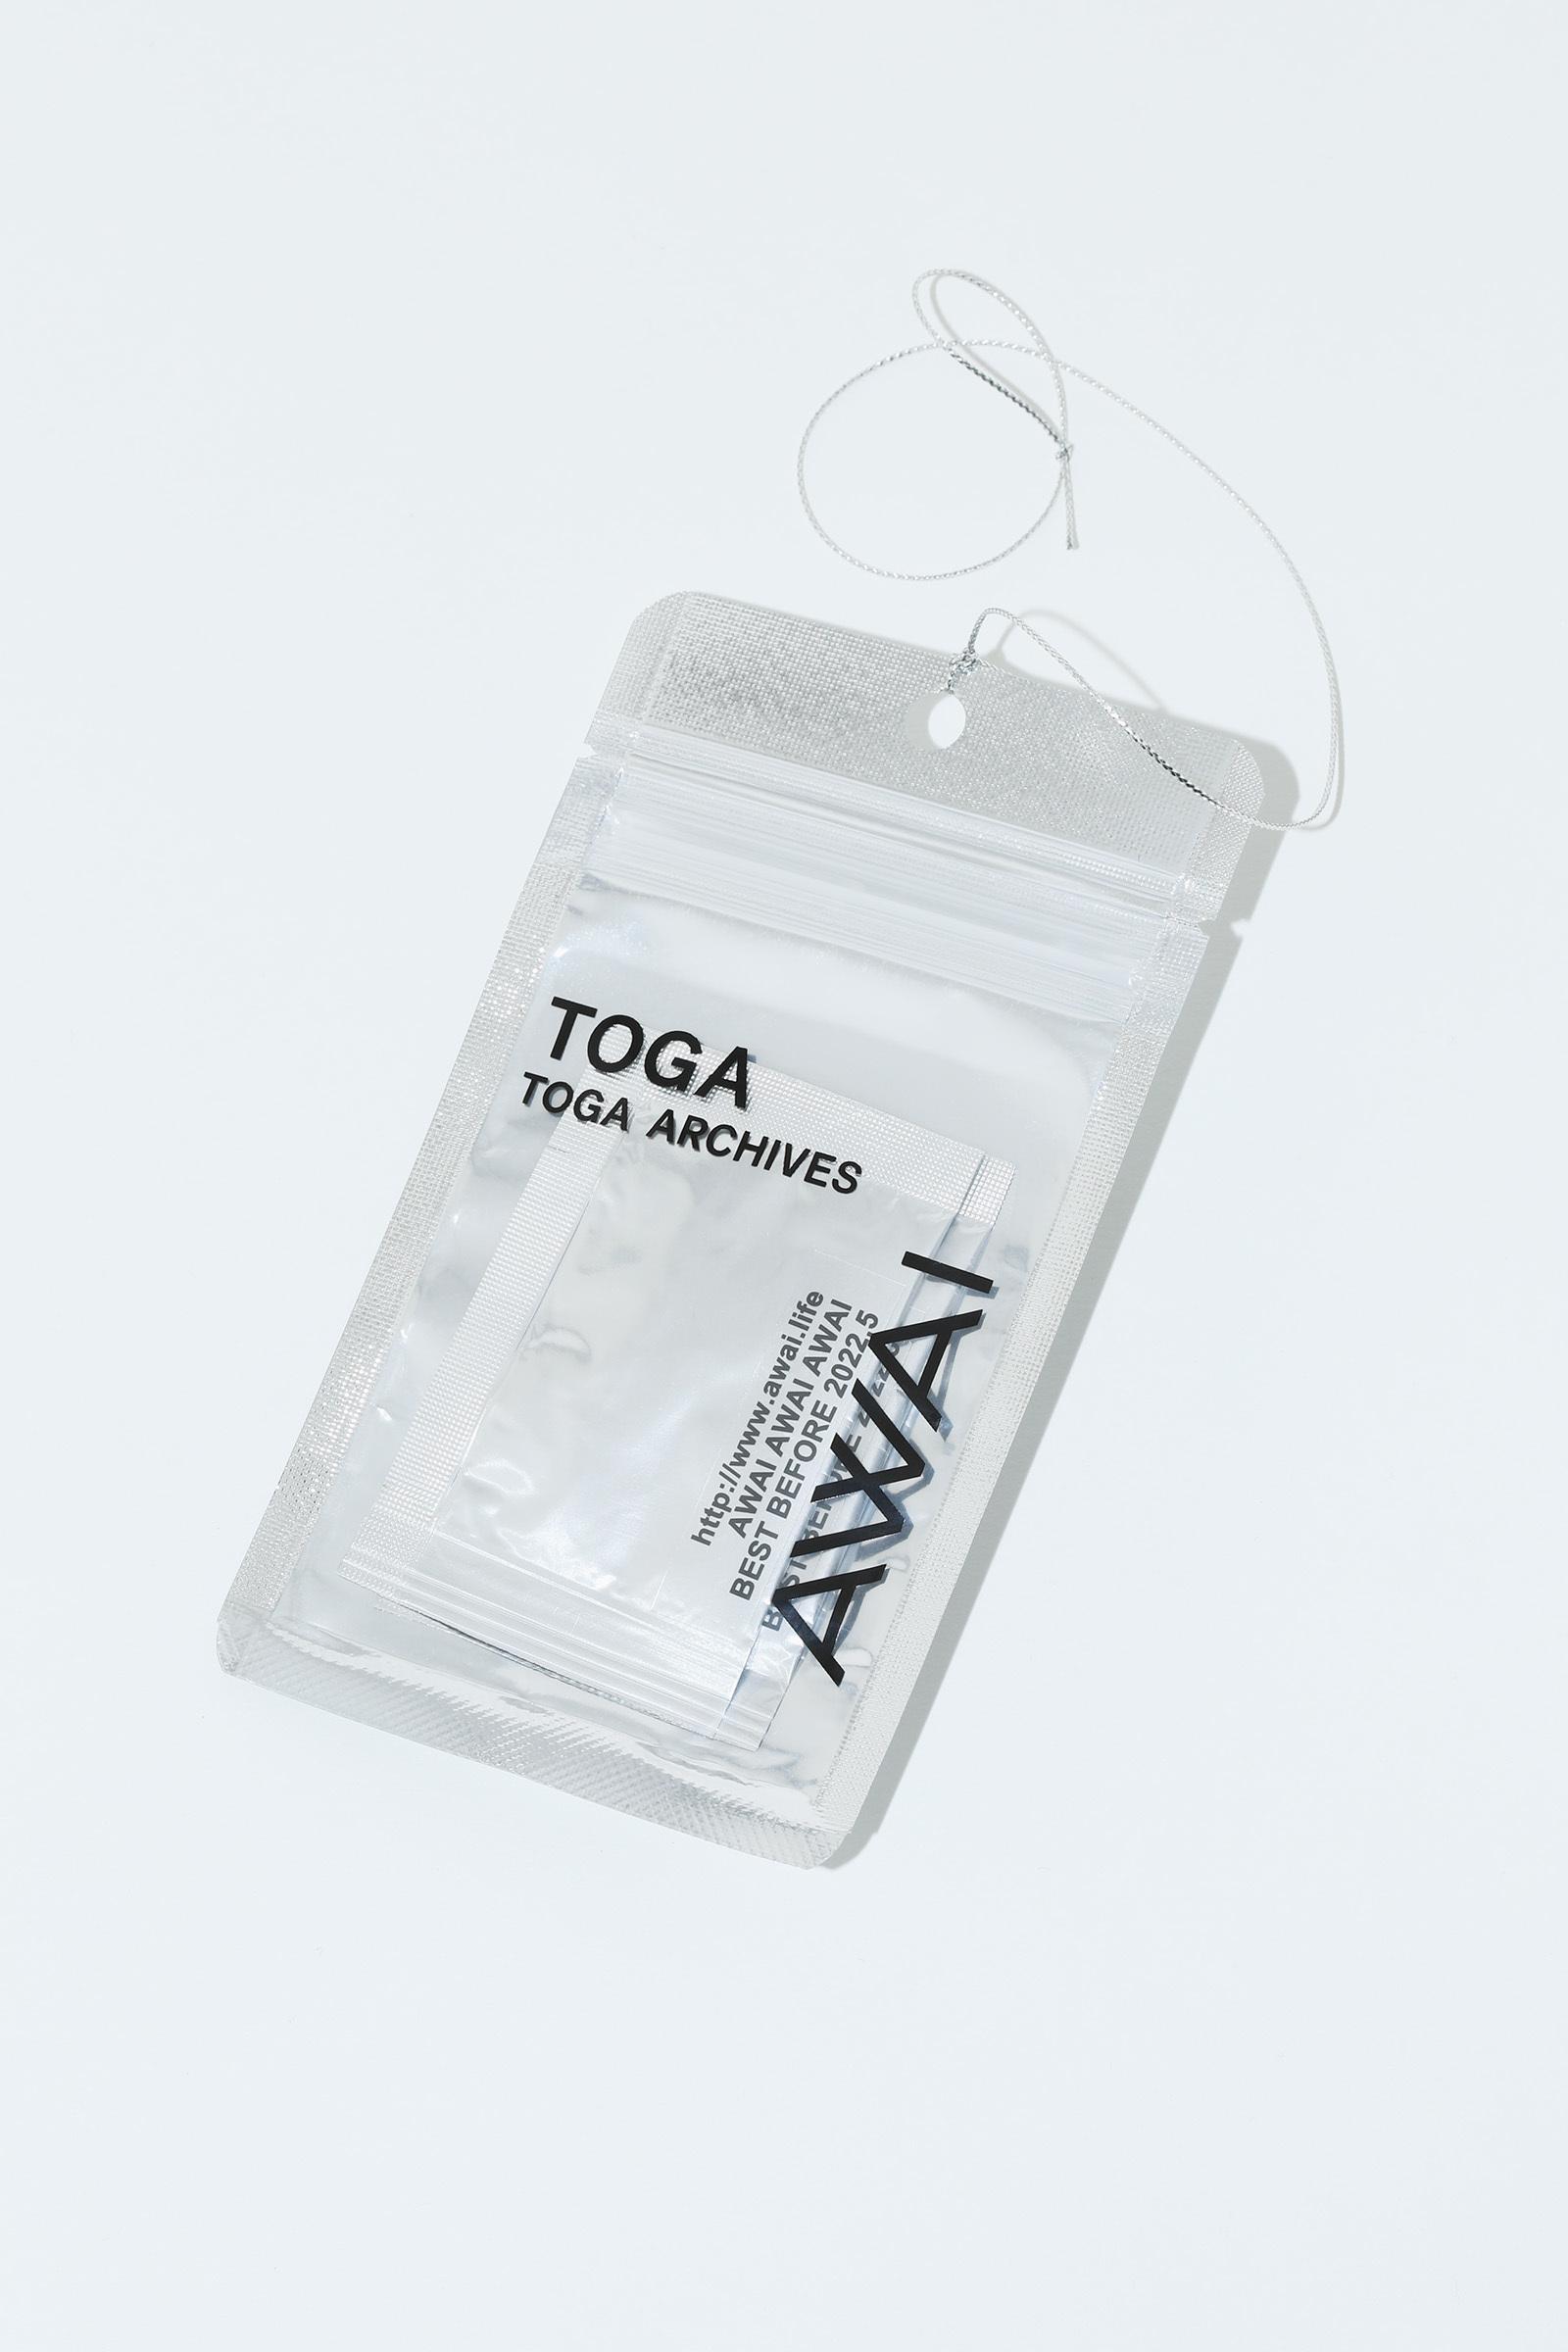 TOGA_CBD oil